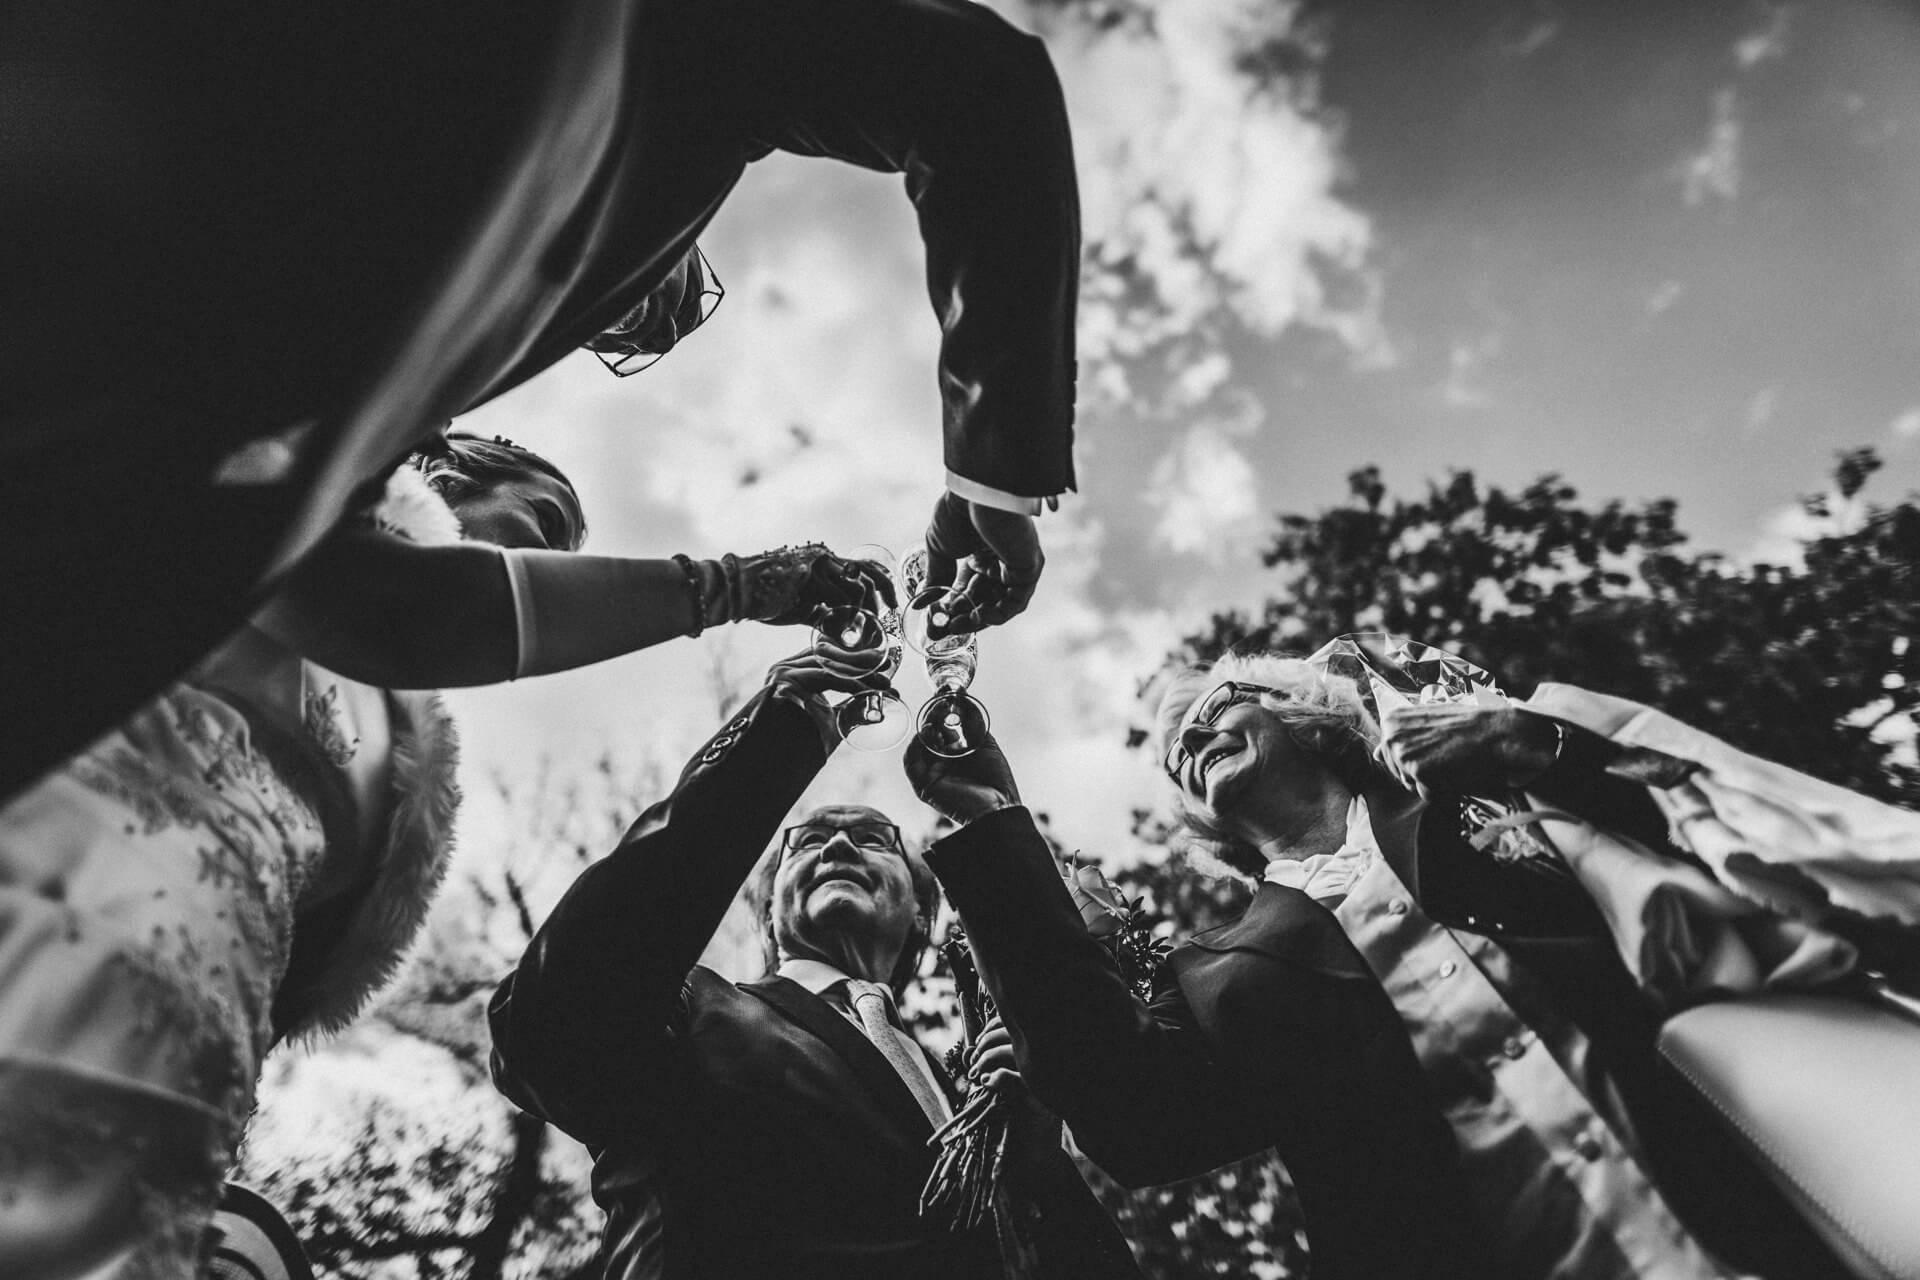 Hochzeitsfotograf Hofgut Friedelhausen - Sektempfang auf dem Hofgut - Emotionale Hochzeitsreportagen